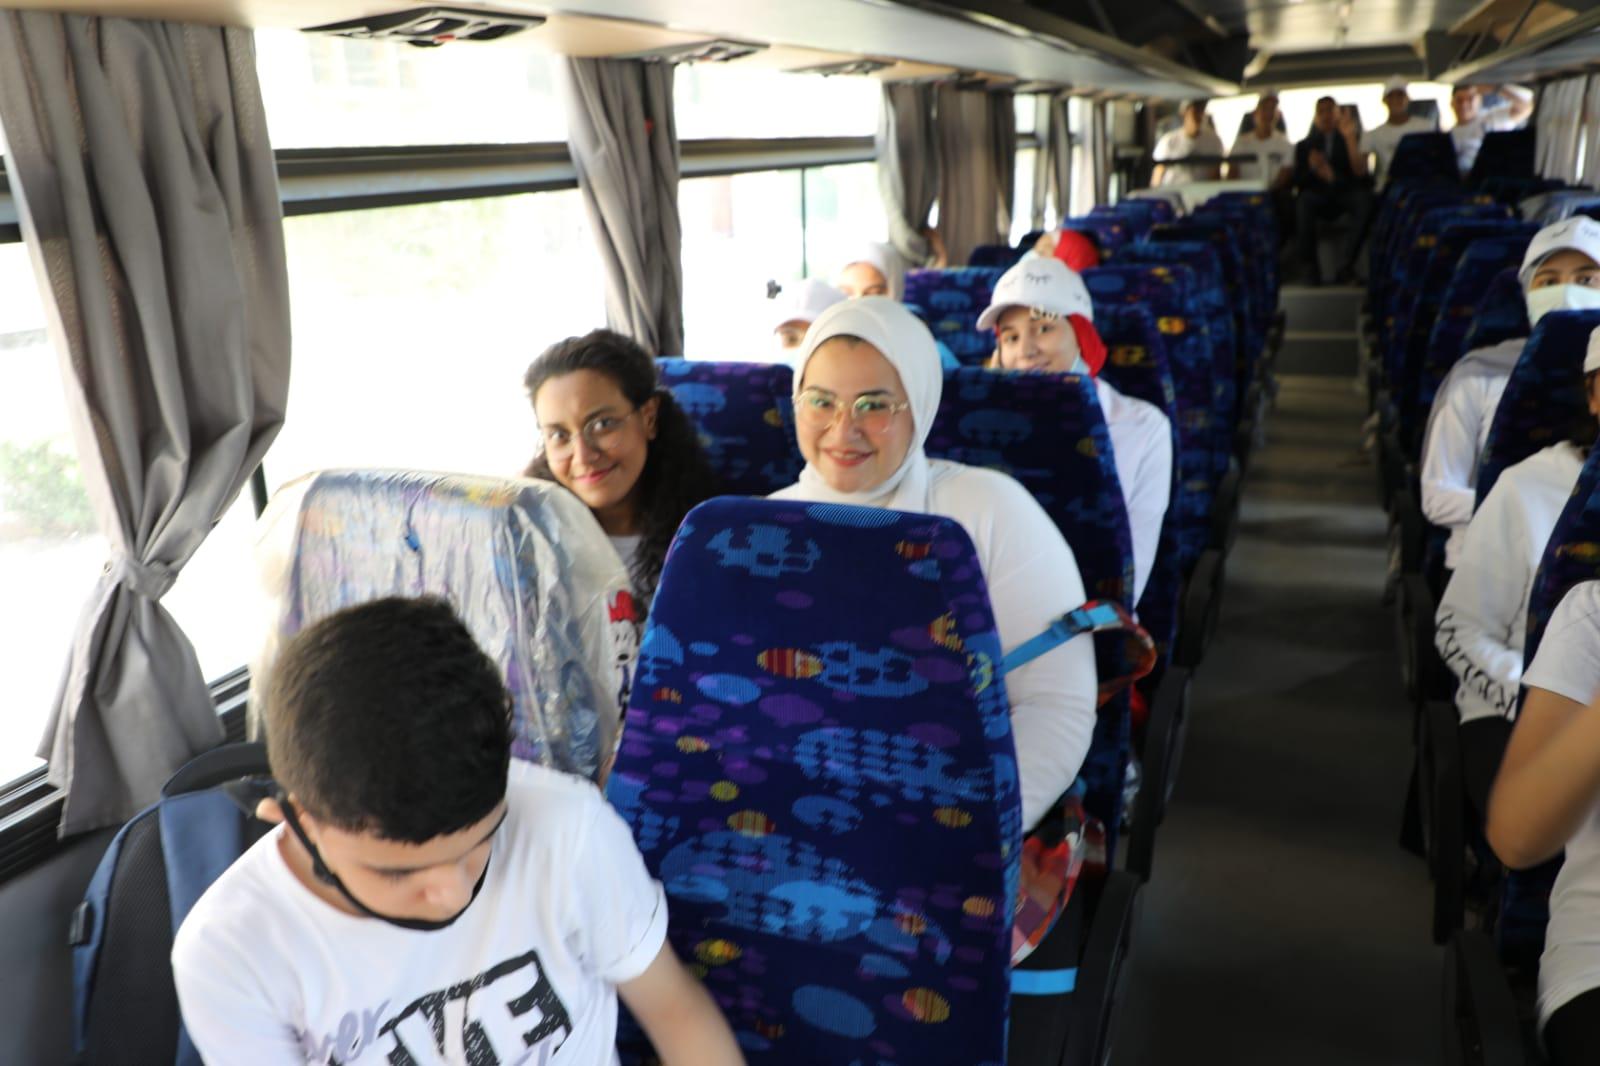 خالد عبدالعال يتفقد رحلة طلابية لأهم المعالم بالقاهرة